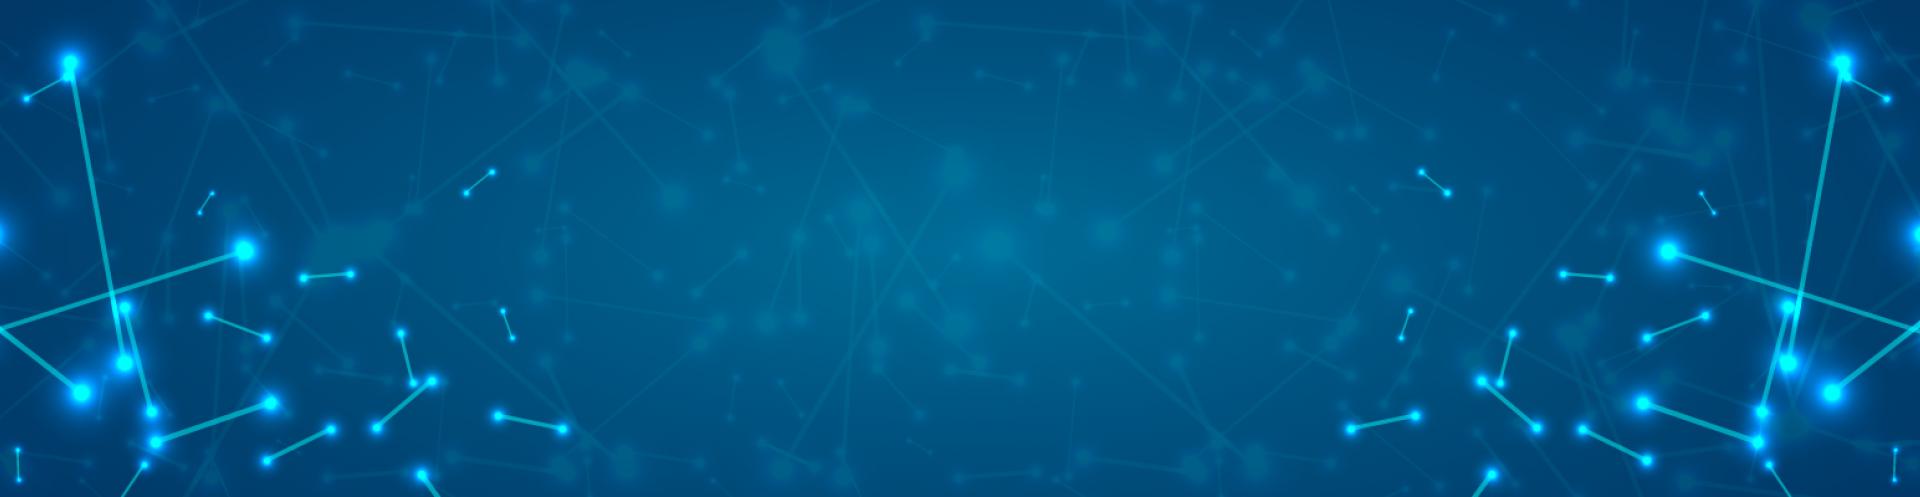 المؤتمر الدولي للتكنولوجيا العصبية المتقدمة